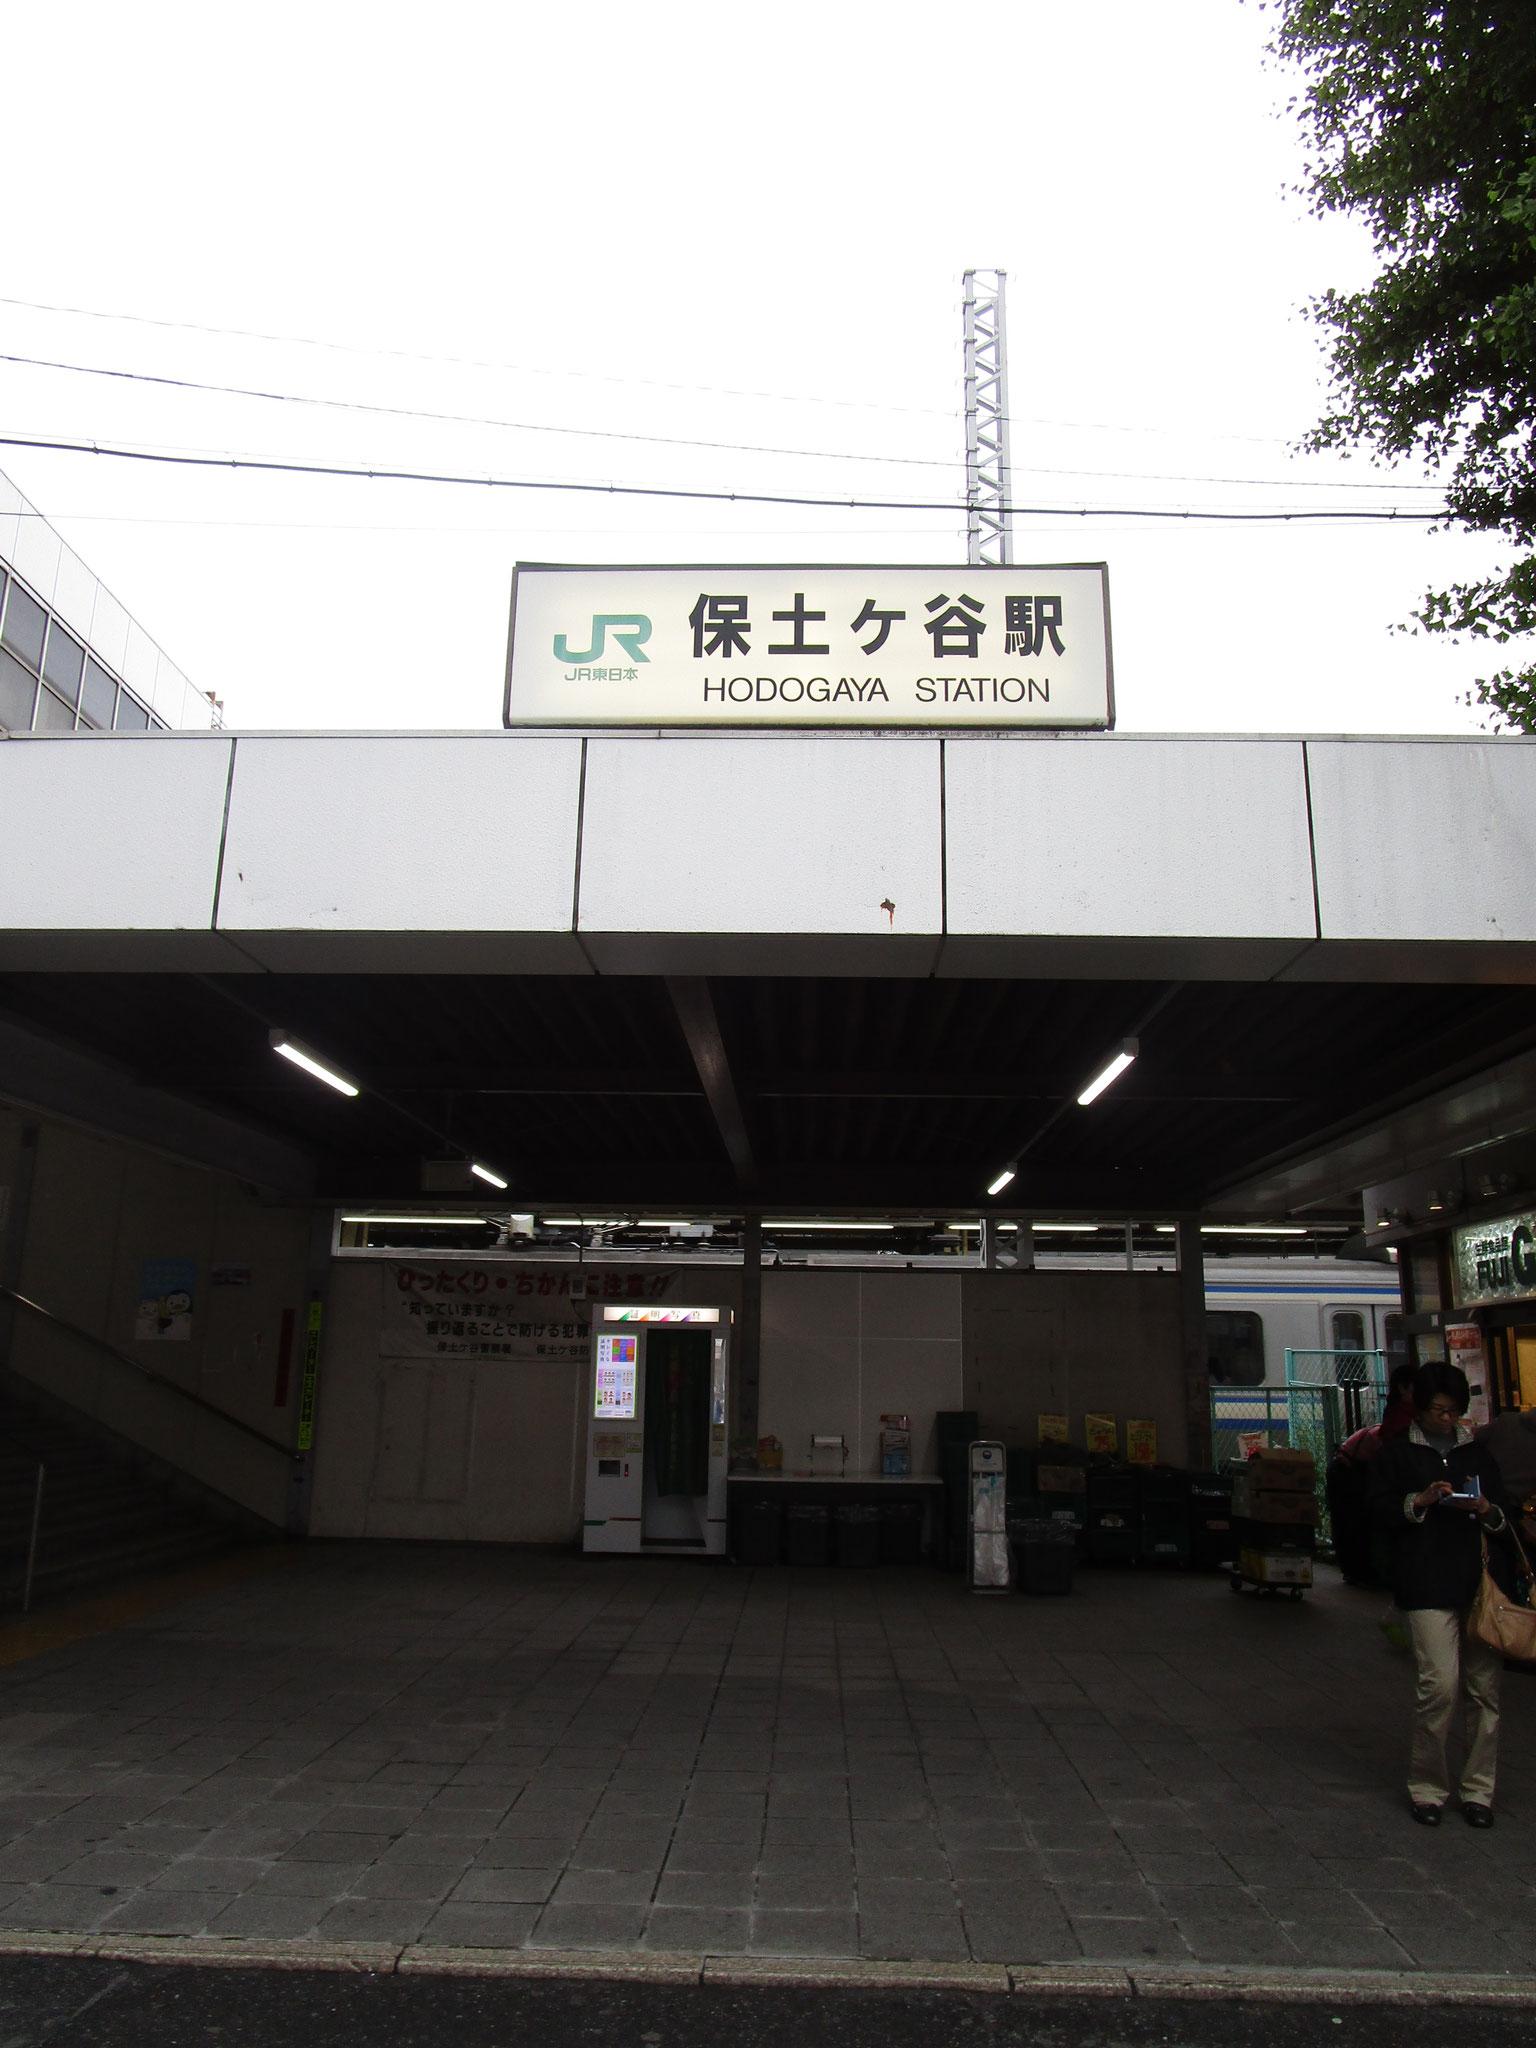 最寄り駅はJR横須賀線「保土ヶ谷」駅